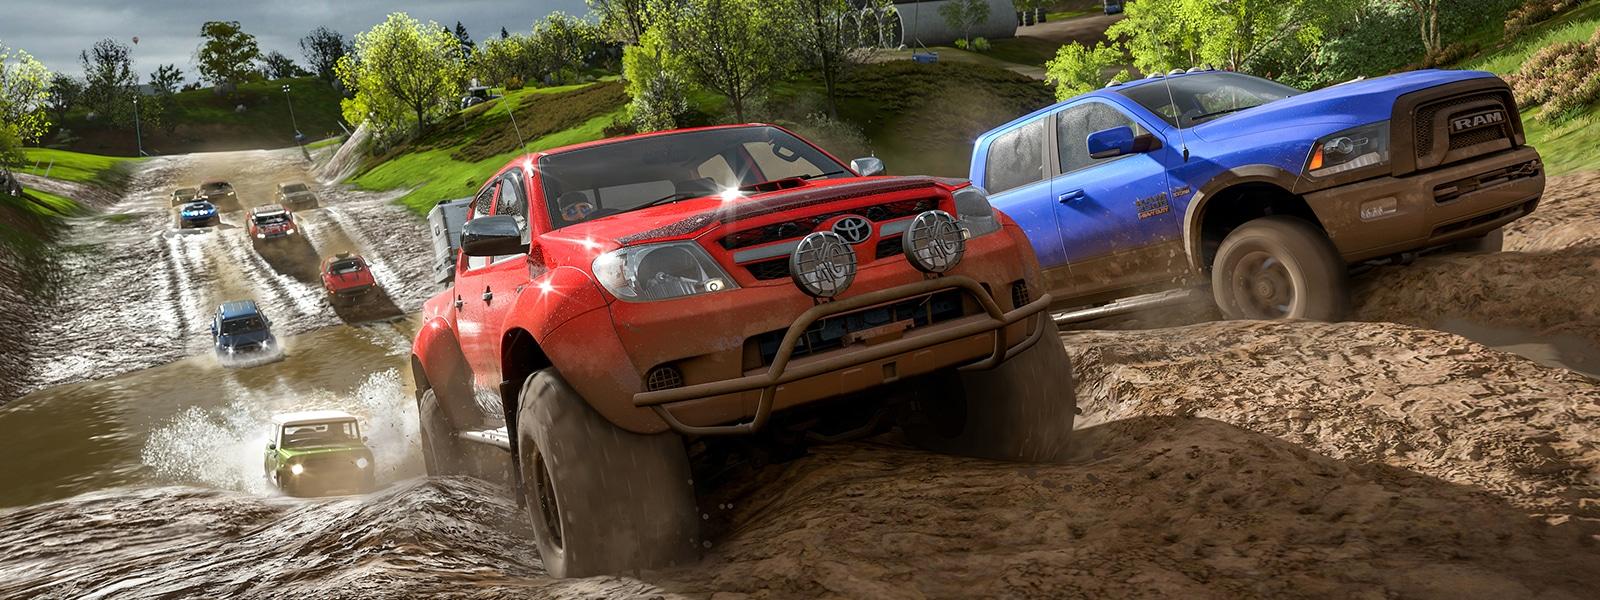 Trucks racing through the mud in Forza Horizon 4